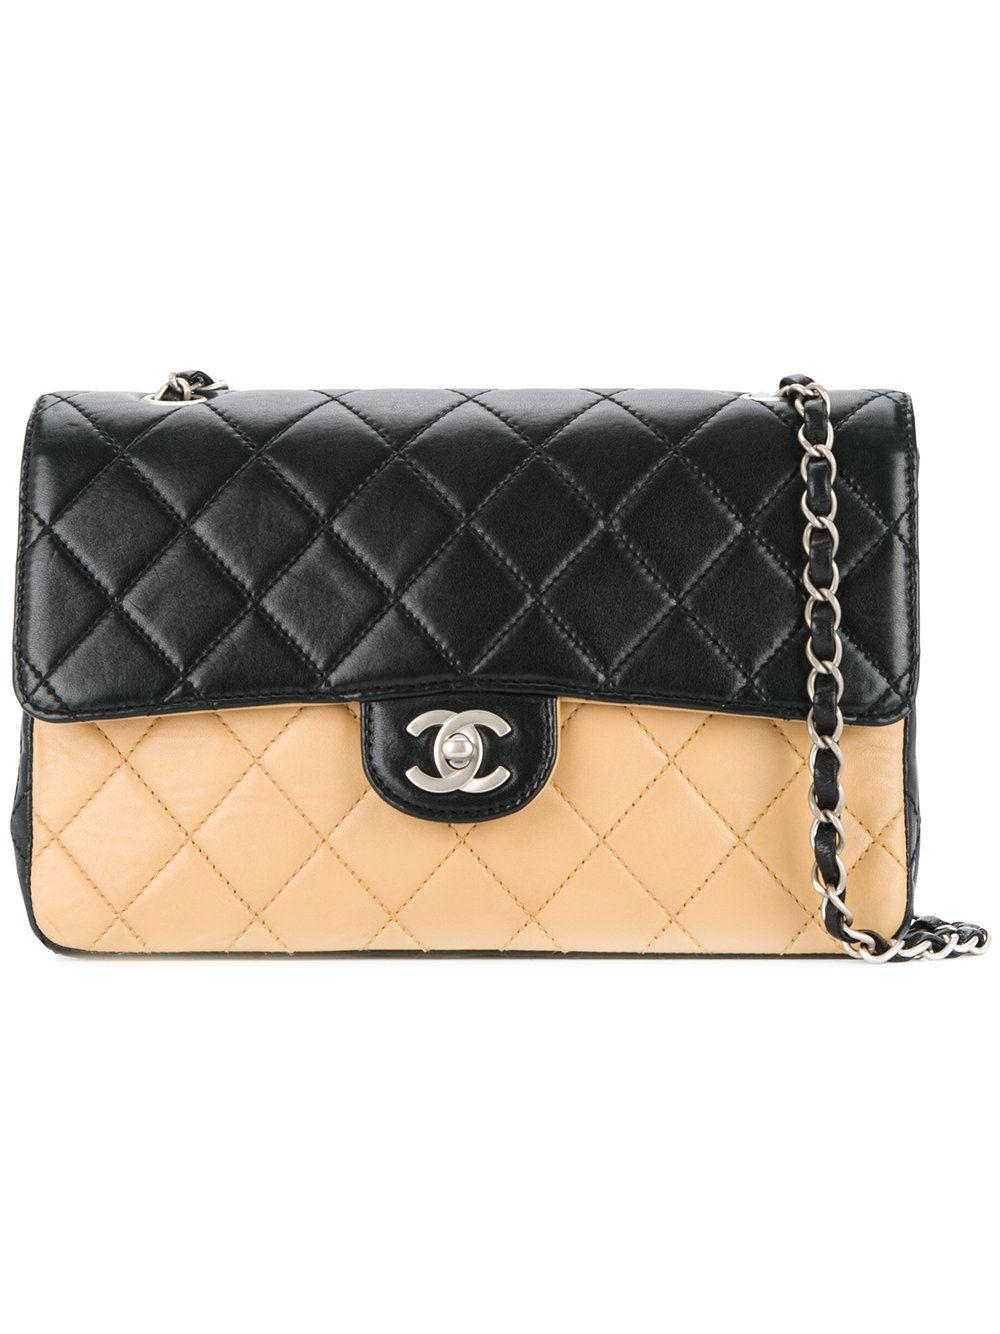 b2d6177bc Chanel Vintage bolso de hombro CC acolchado bicolor | Bags ...